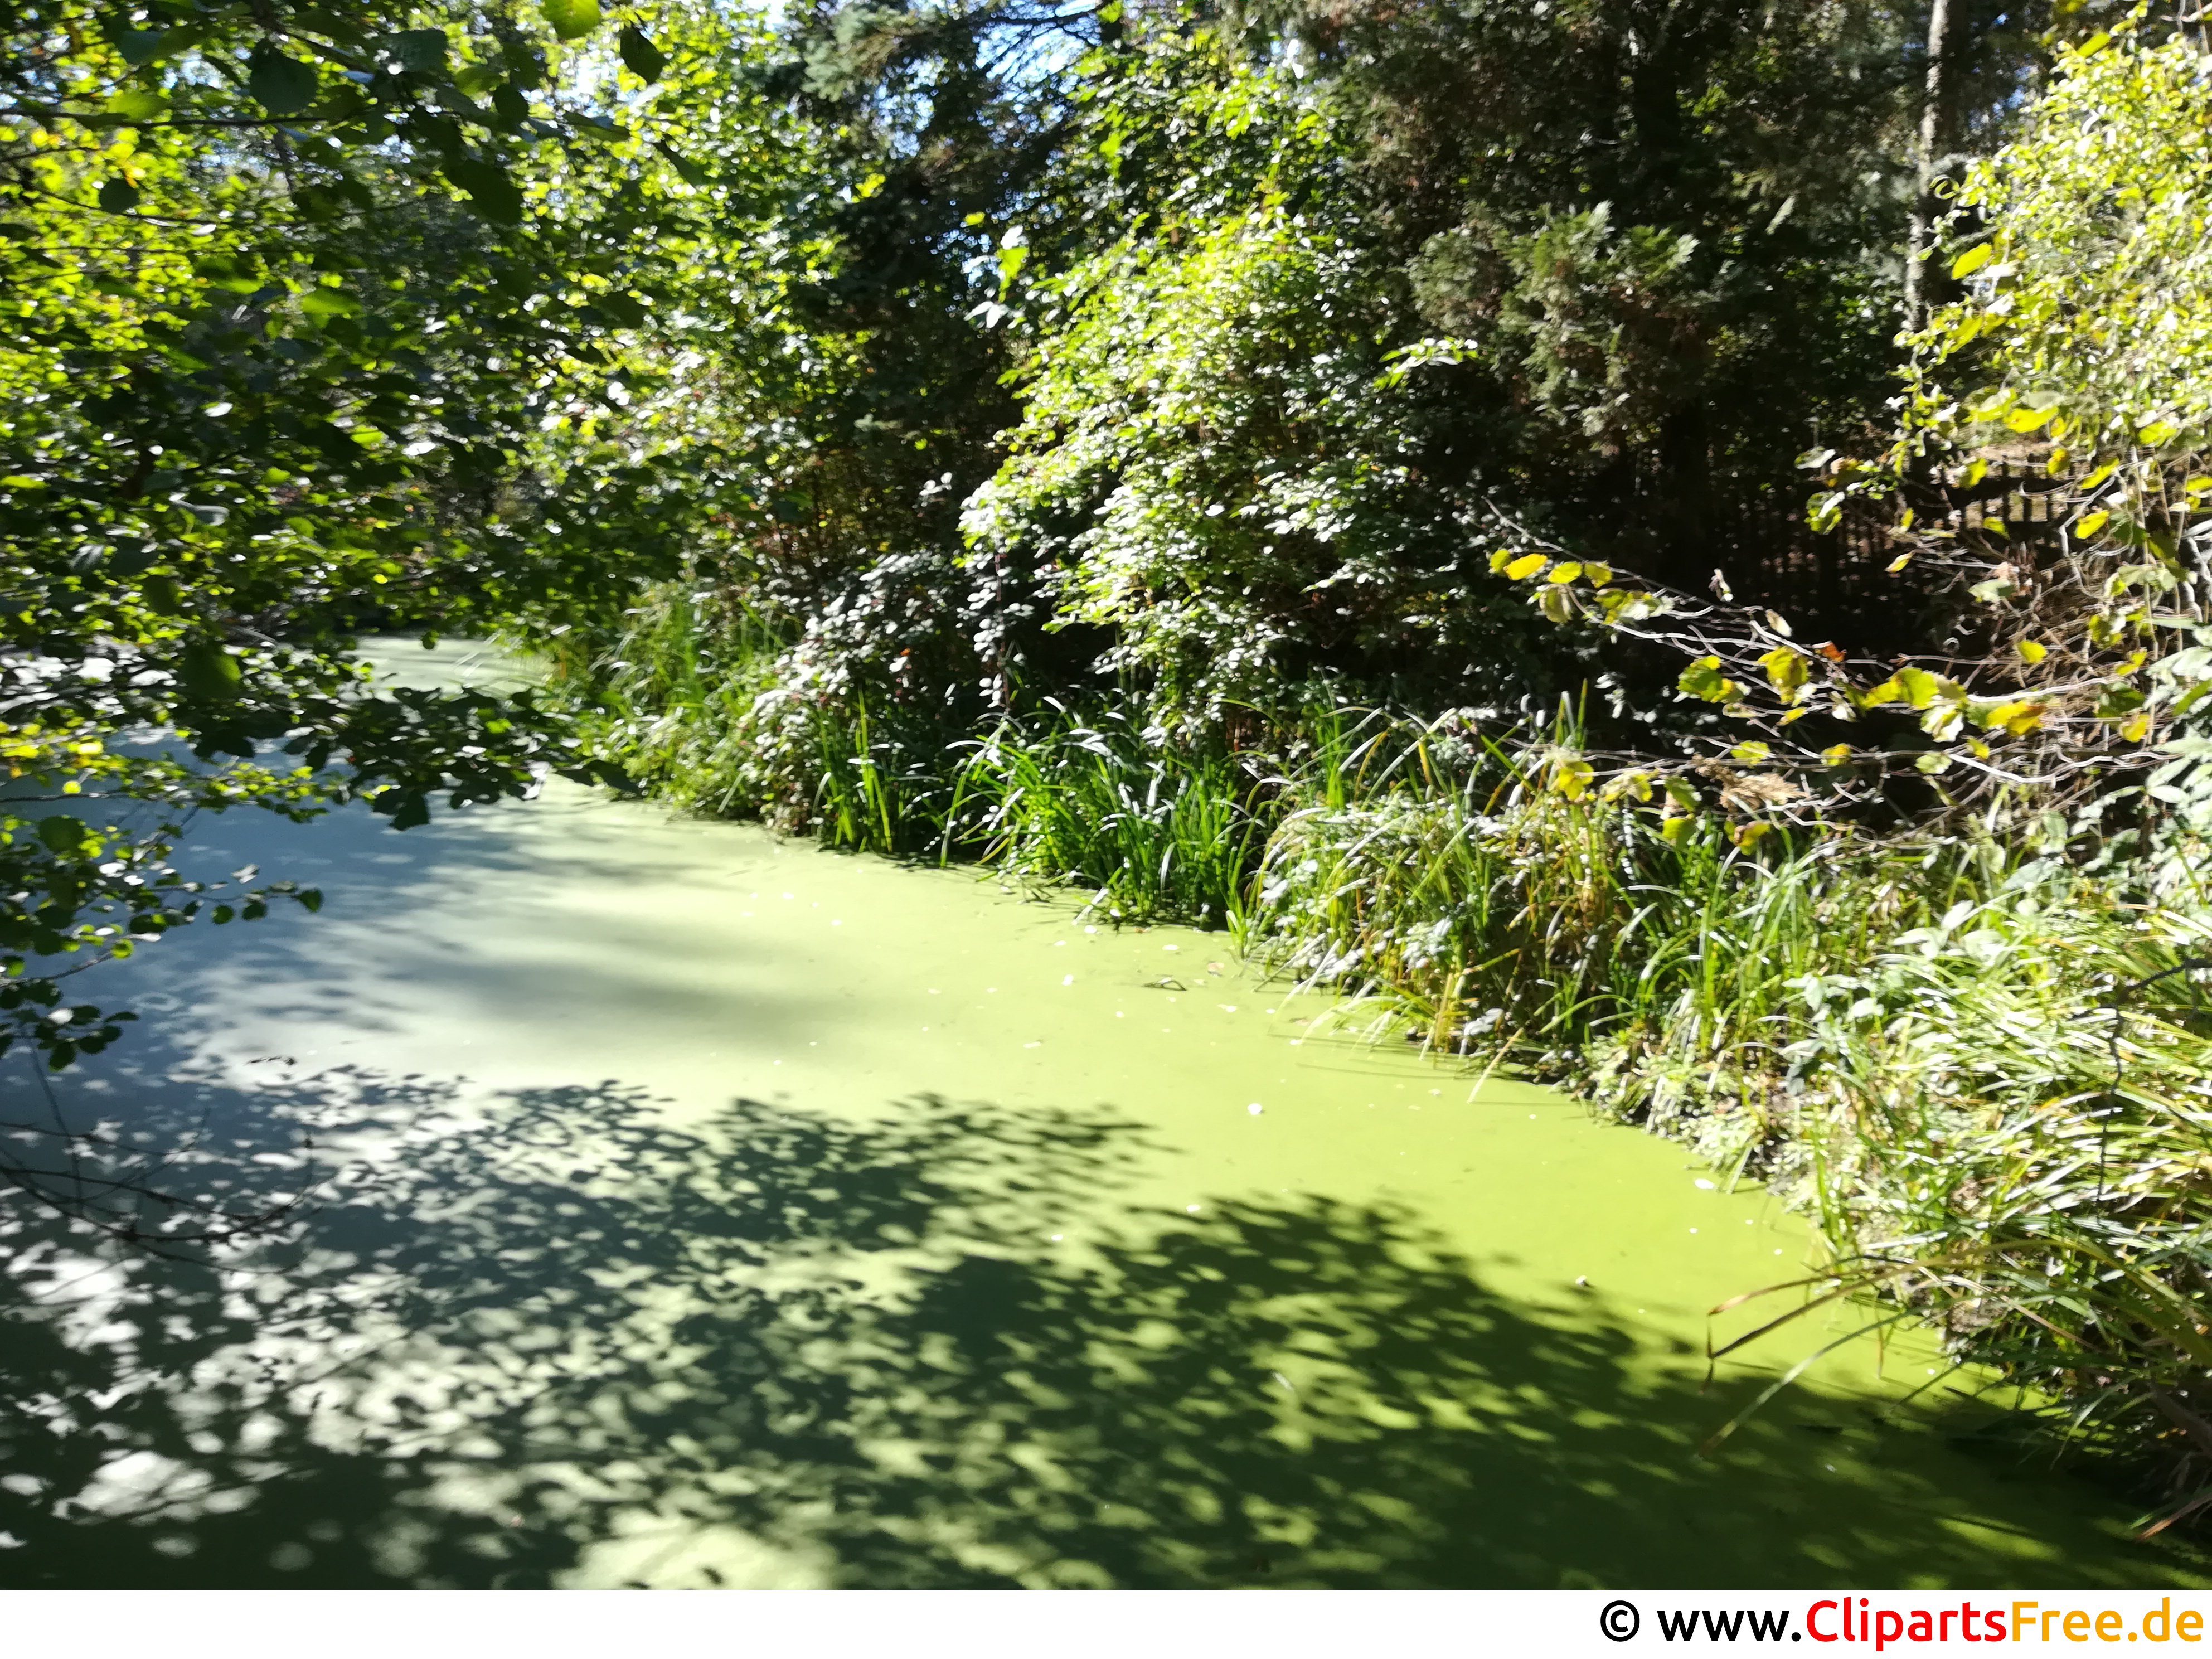 Teich mit Algen im Wald Foto kostenlos